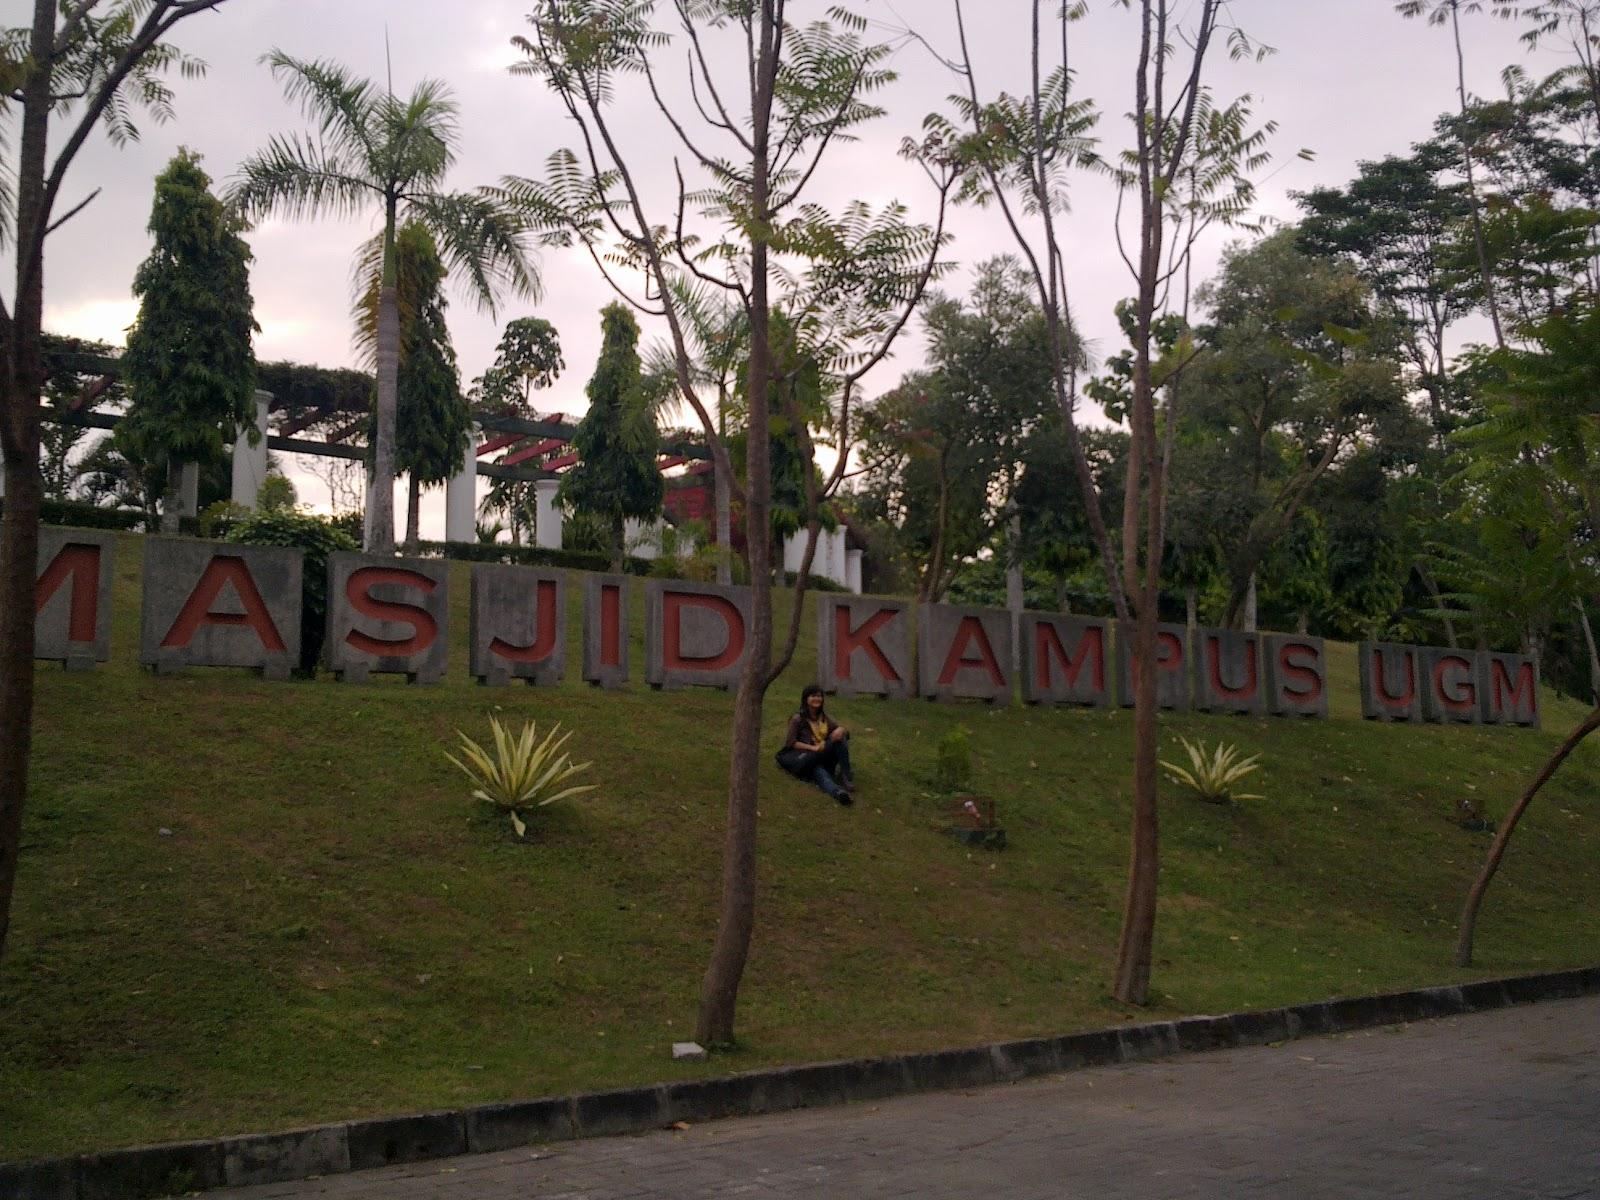 Berwisata Religi Masjid Kampus Ugm Wisata Yogyakarta Arabicmirantikejer Blogspot Maskam